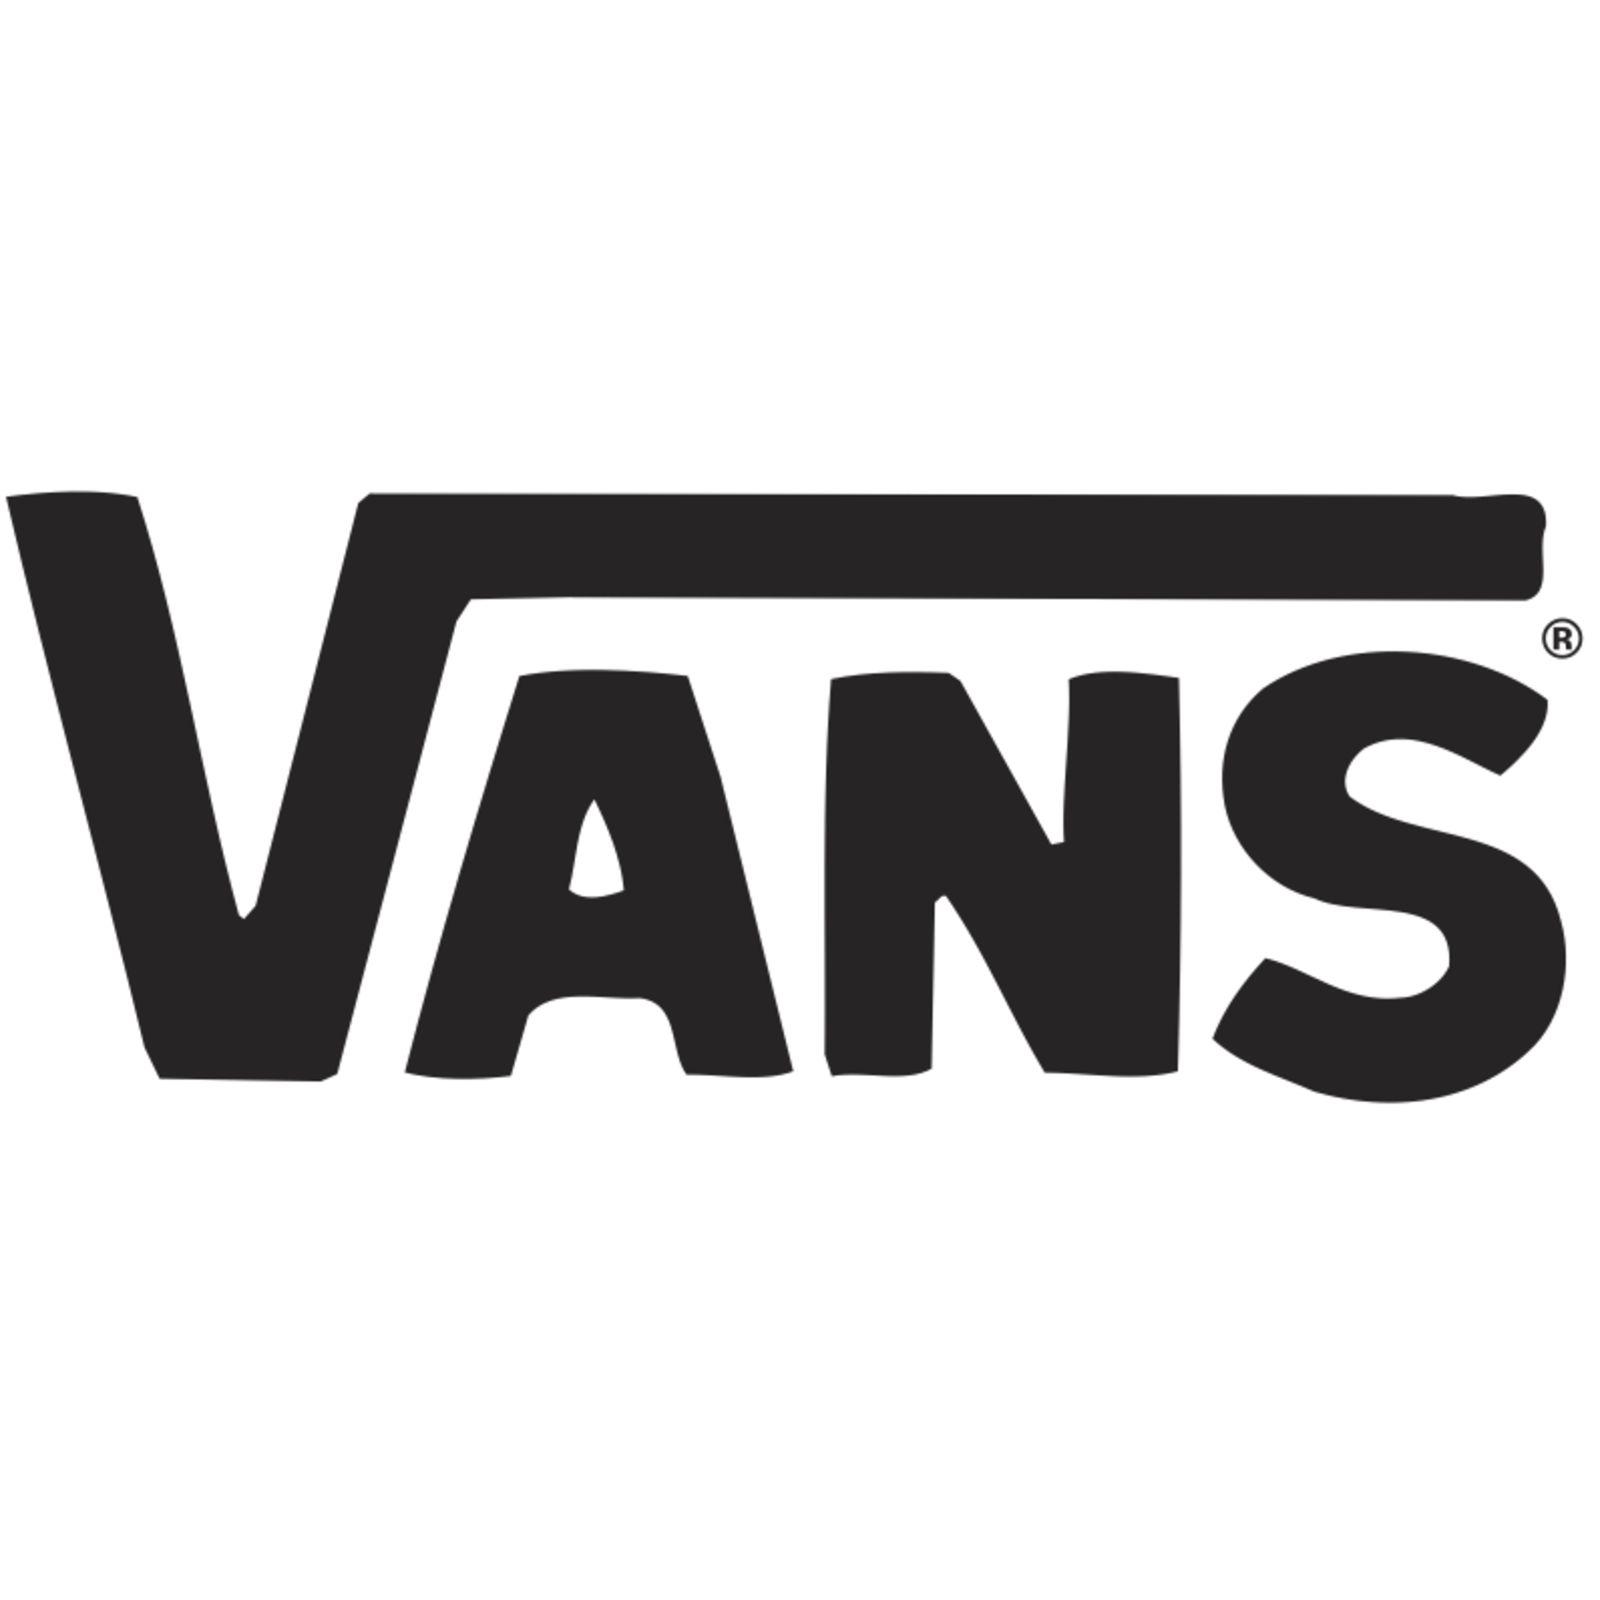 VANS Pro Skate (Image 1)